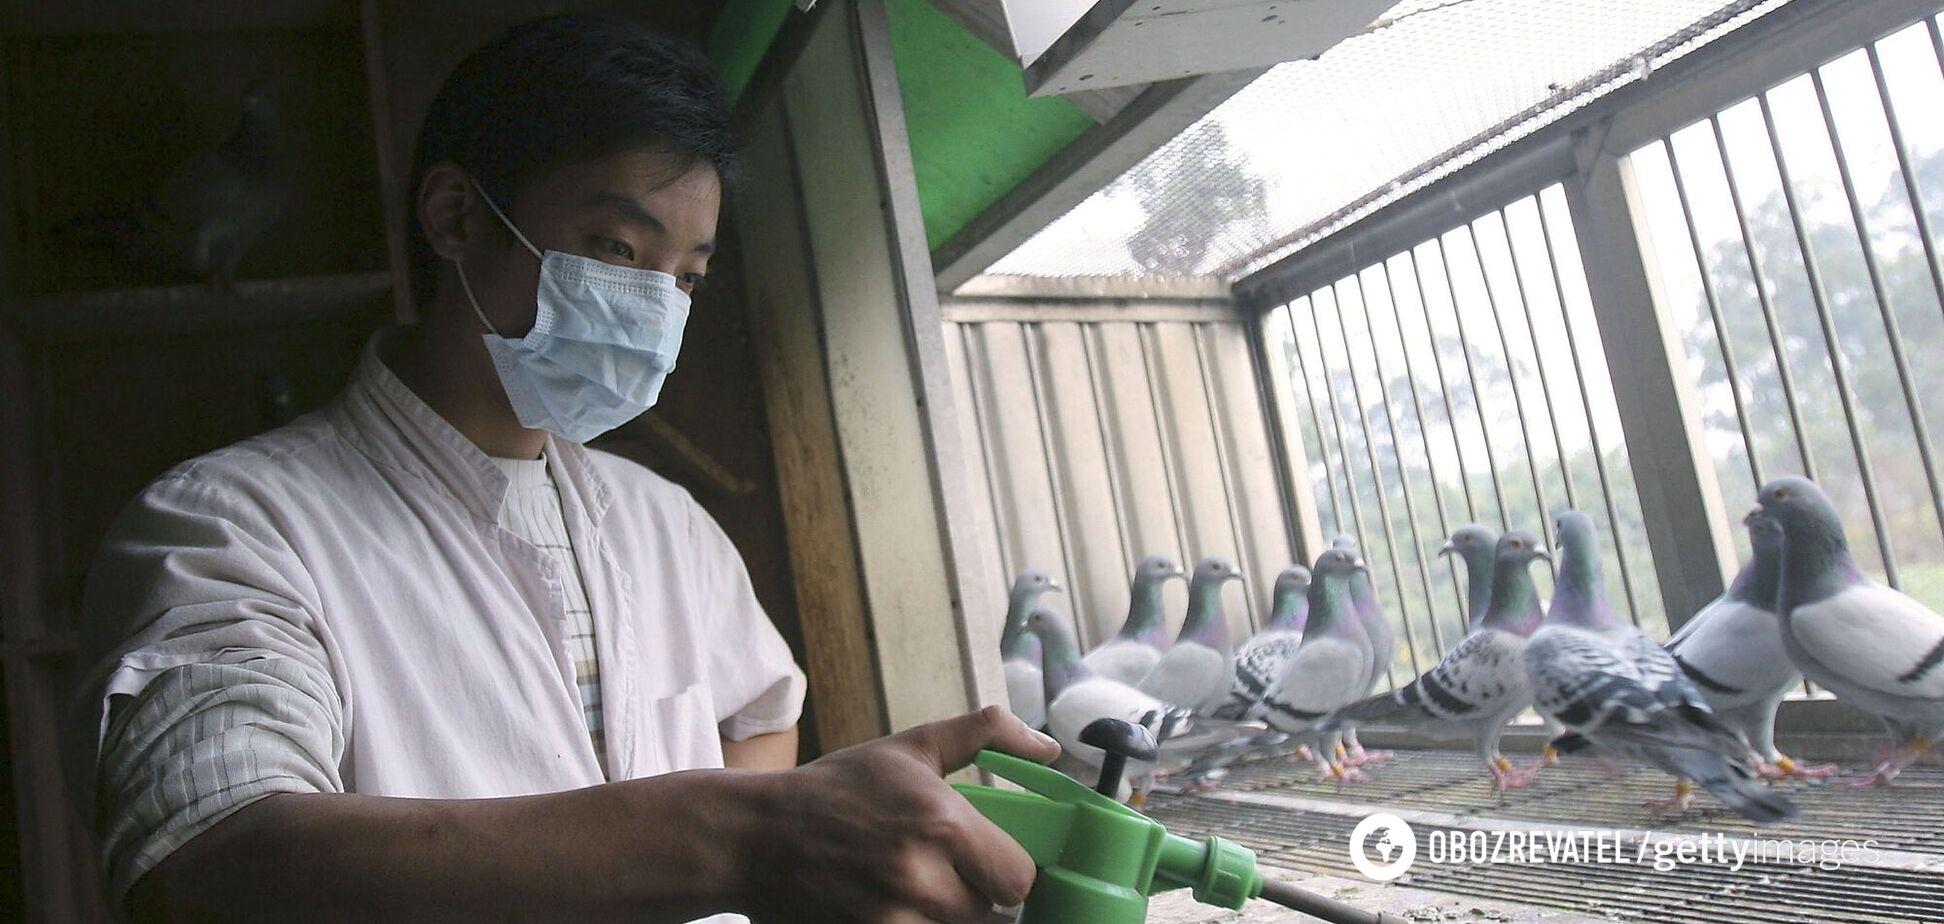 В Китае сообщили о первом в мире случае заражения новым штаммом птичьего гриппа